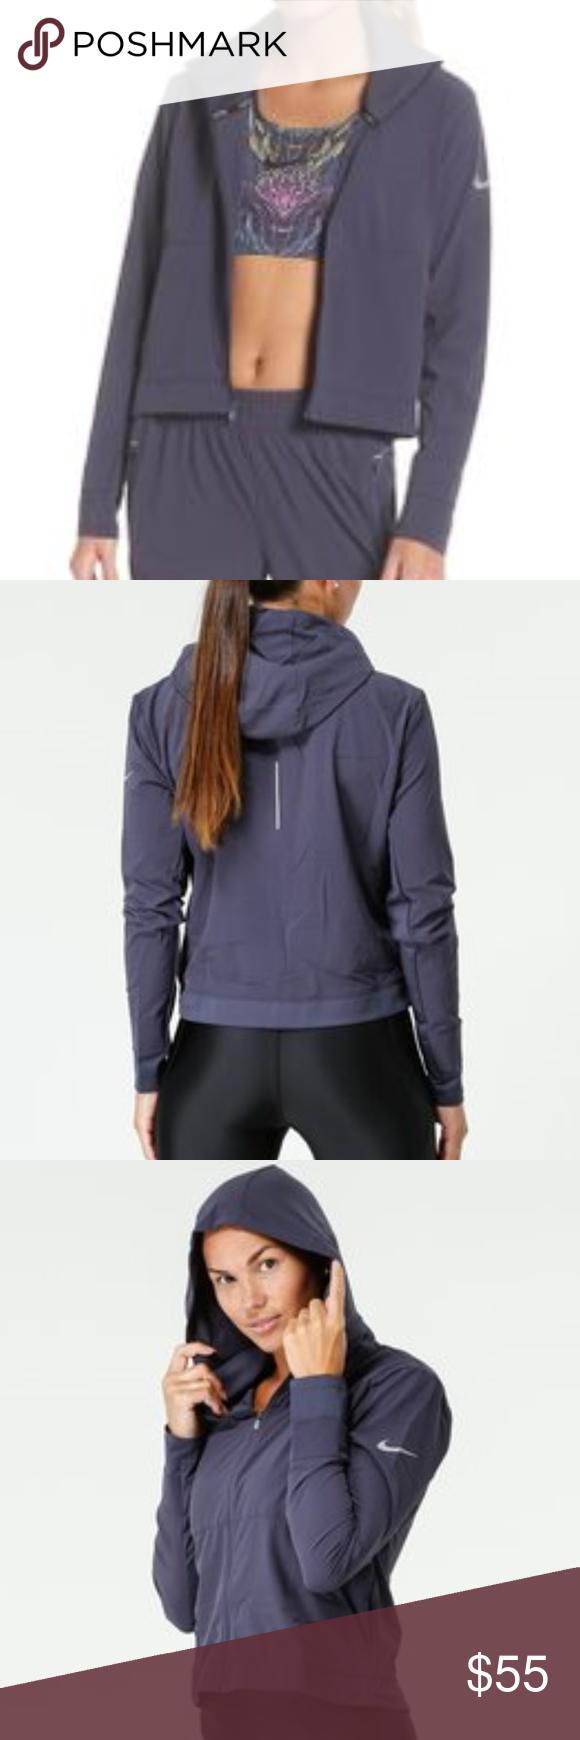 b42f5900273b37 Nike DRI-FIT Swift Running Jacket Gray - NWT NWT Nike Swift Running Jacket,